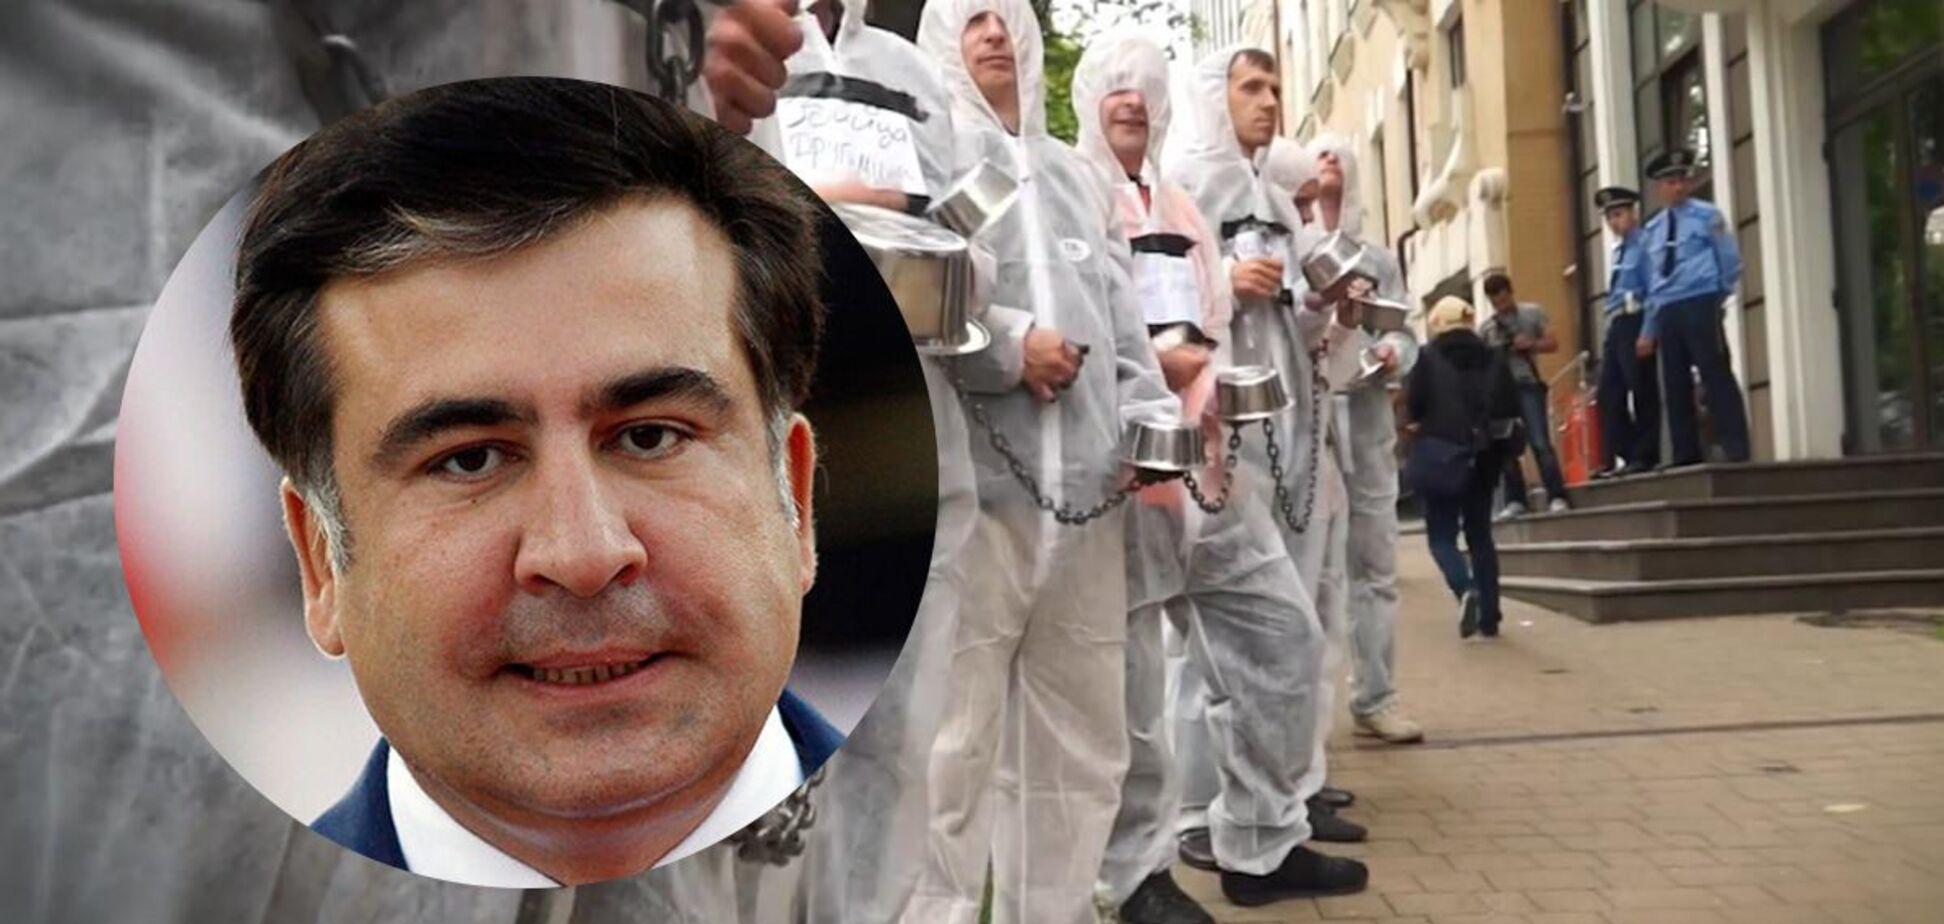 Валерій Товмач: сьогодні – держпереворот, вчора – мільйон за голову, завтра – ... в'язниця!